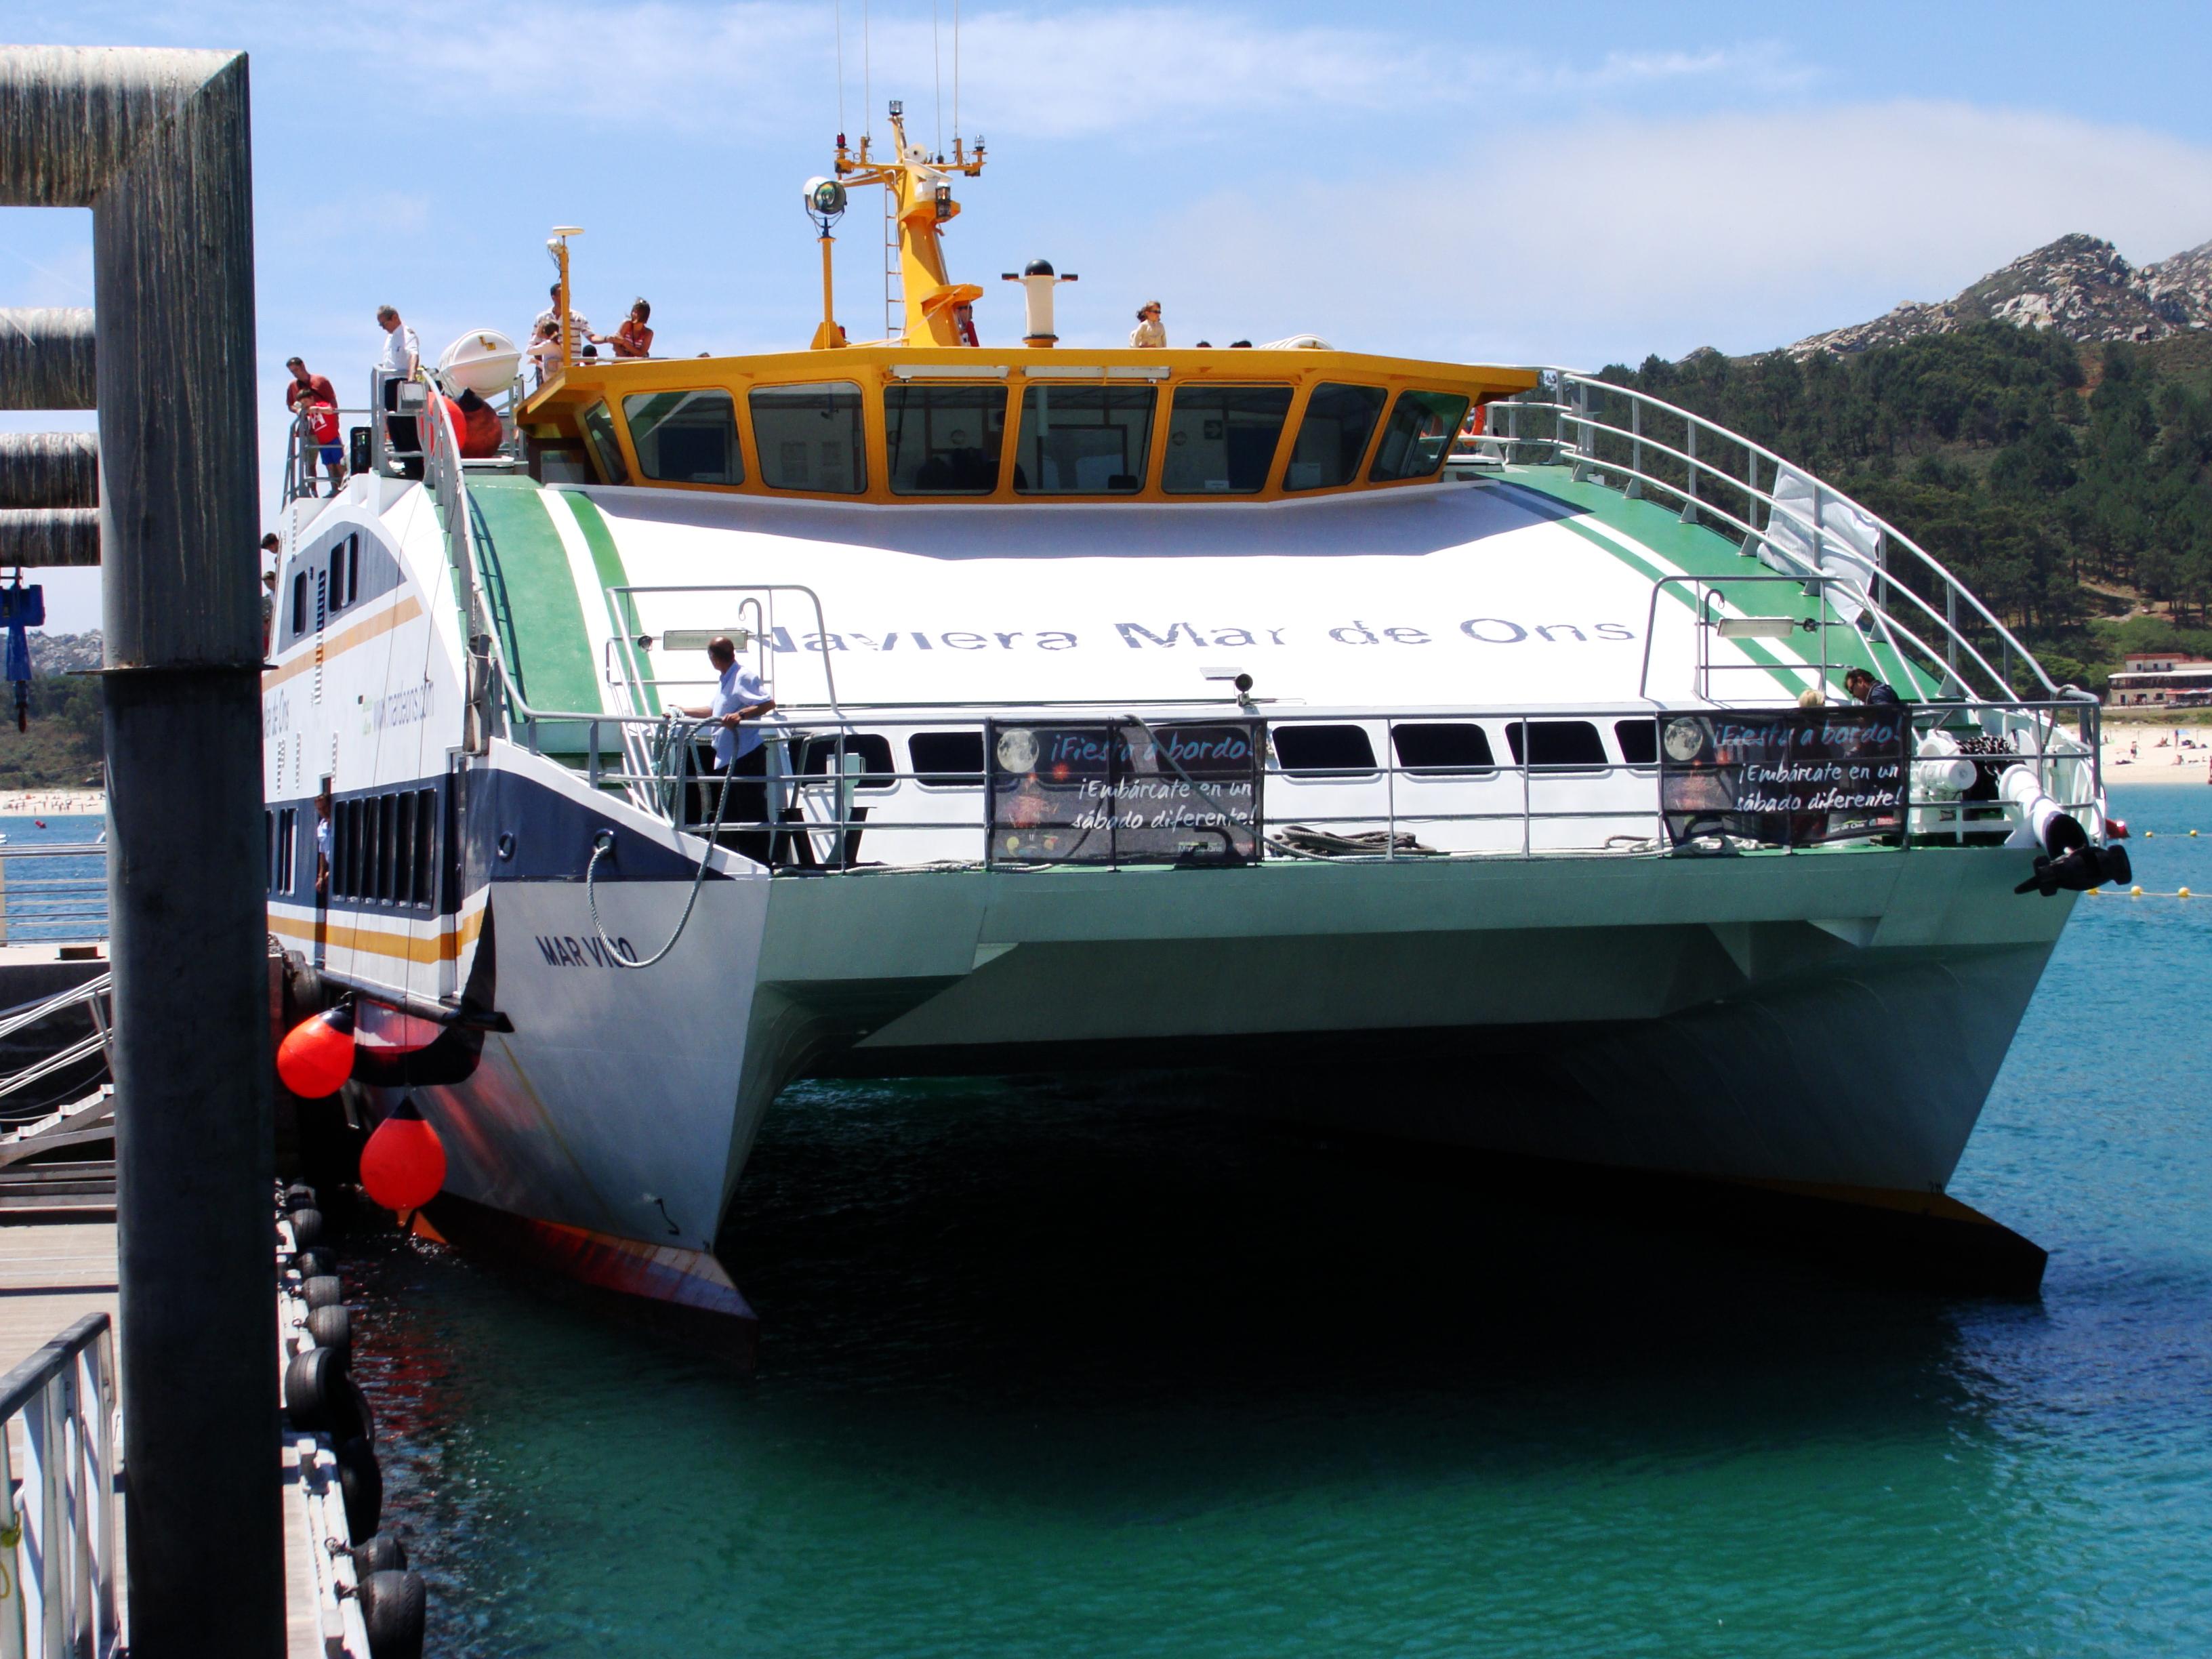 English: Cíes's Dock, in Cíes Islands, Ponteve...